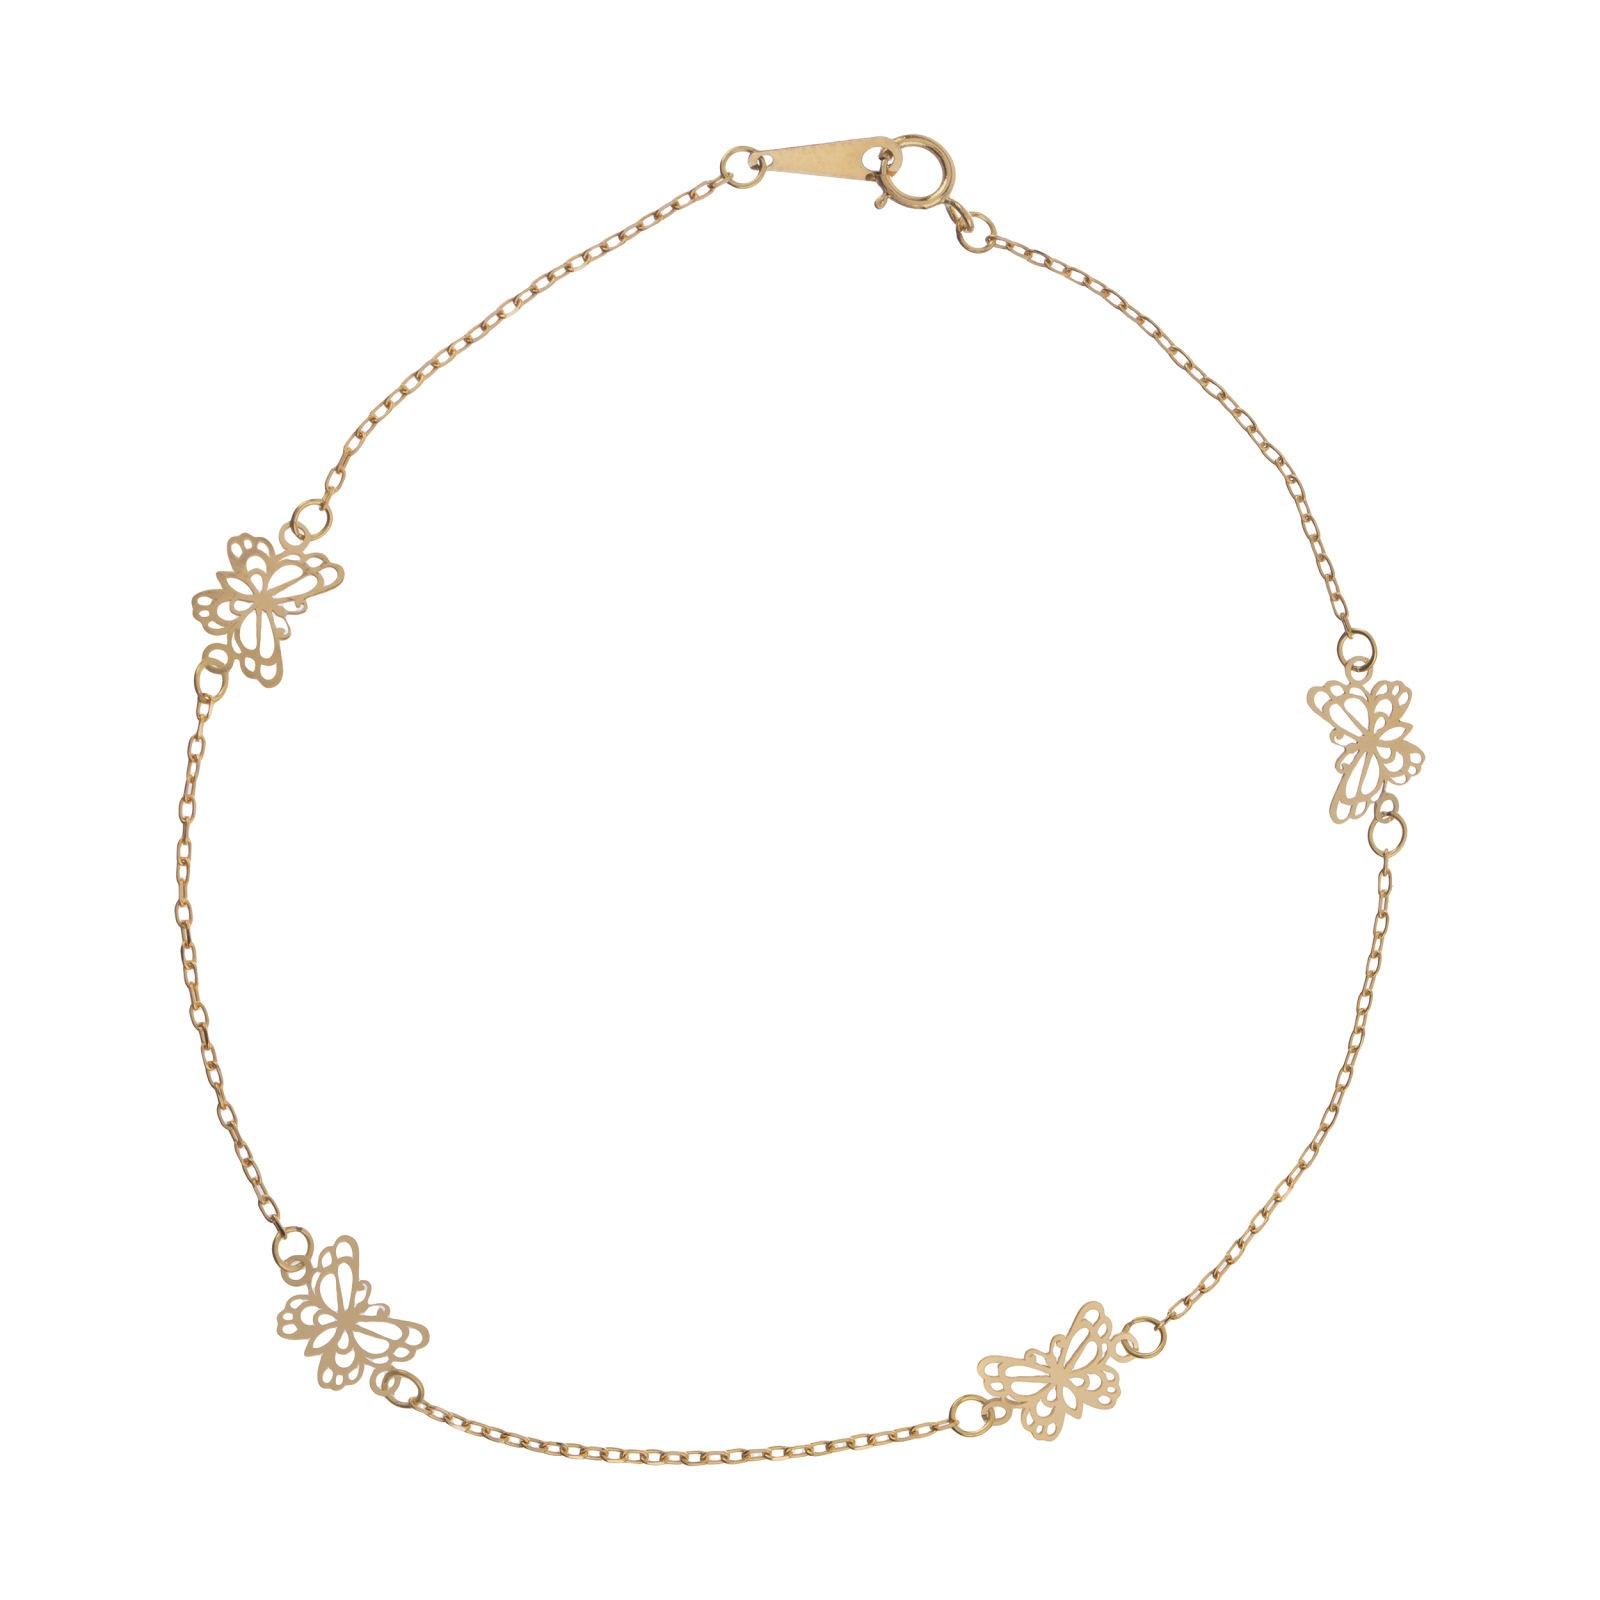 پابند طلا 18 عیار زنانه  گالری یارطلا مدل پروانه کد PA03